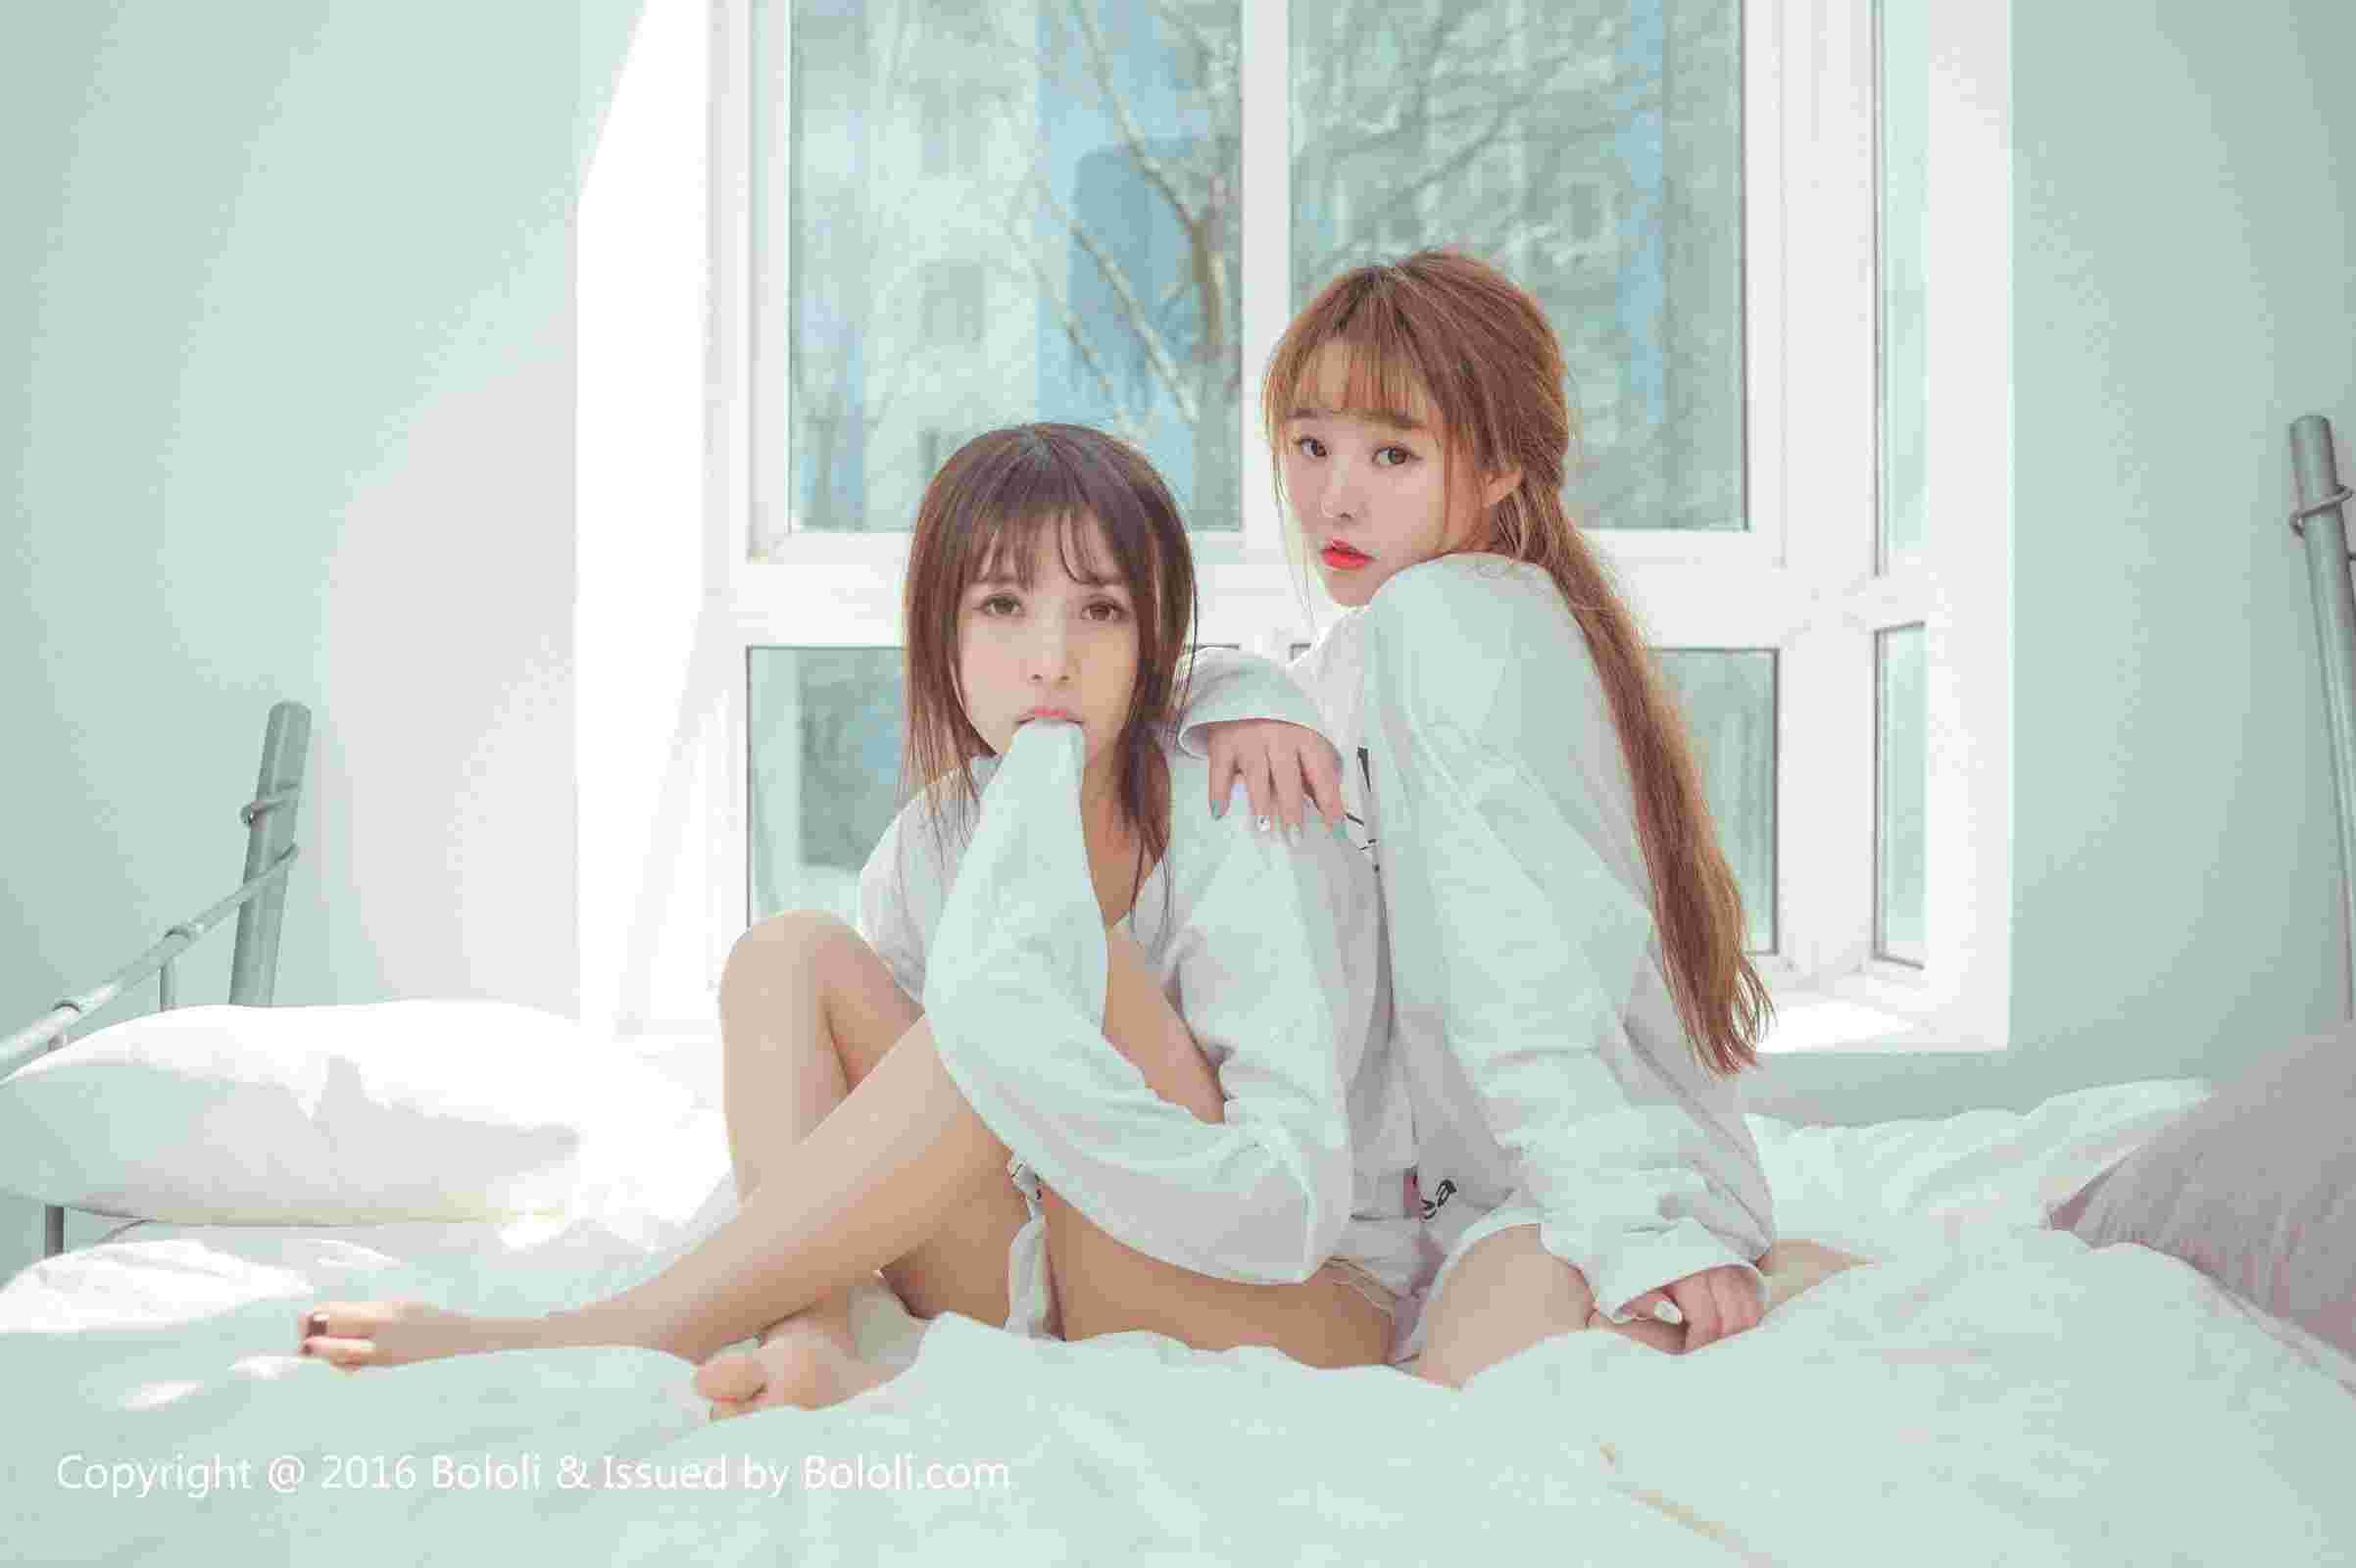 柳侑绮夏美酱 - 超大尺度首度双人写真